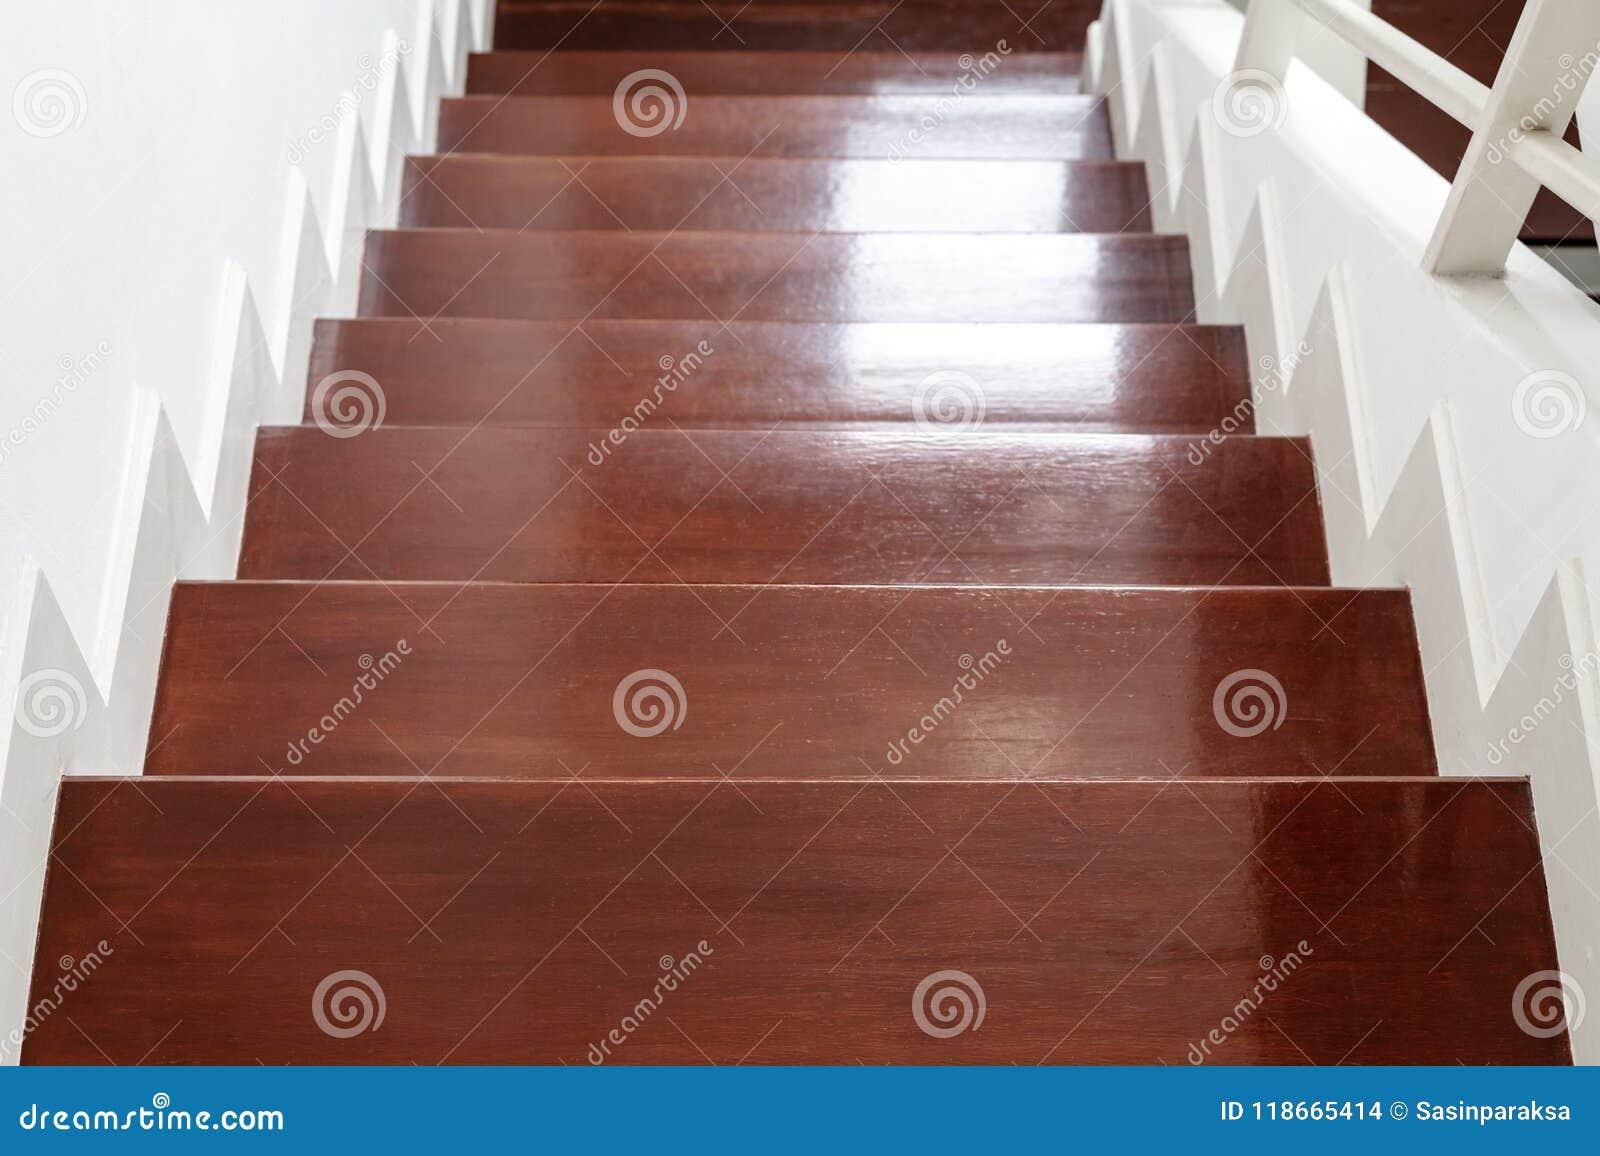 L Escalier De Bois Dur Fait Un Pas Materiel D Escaliers Et Conception Interieurs De Maison Photo Stock Image Du Escaliers Escalier 118665414